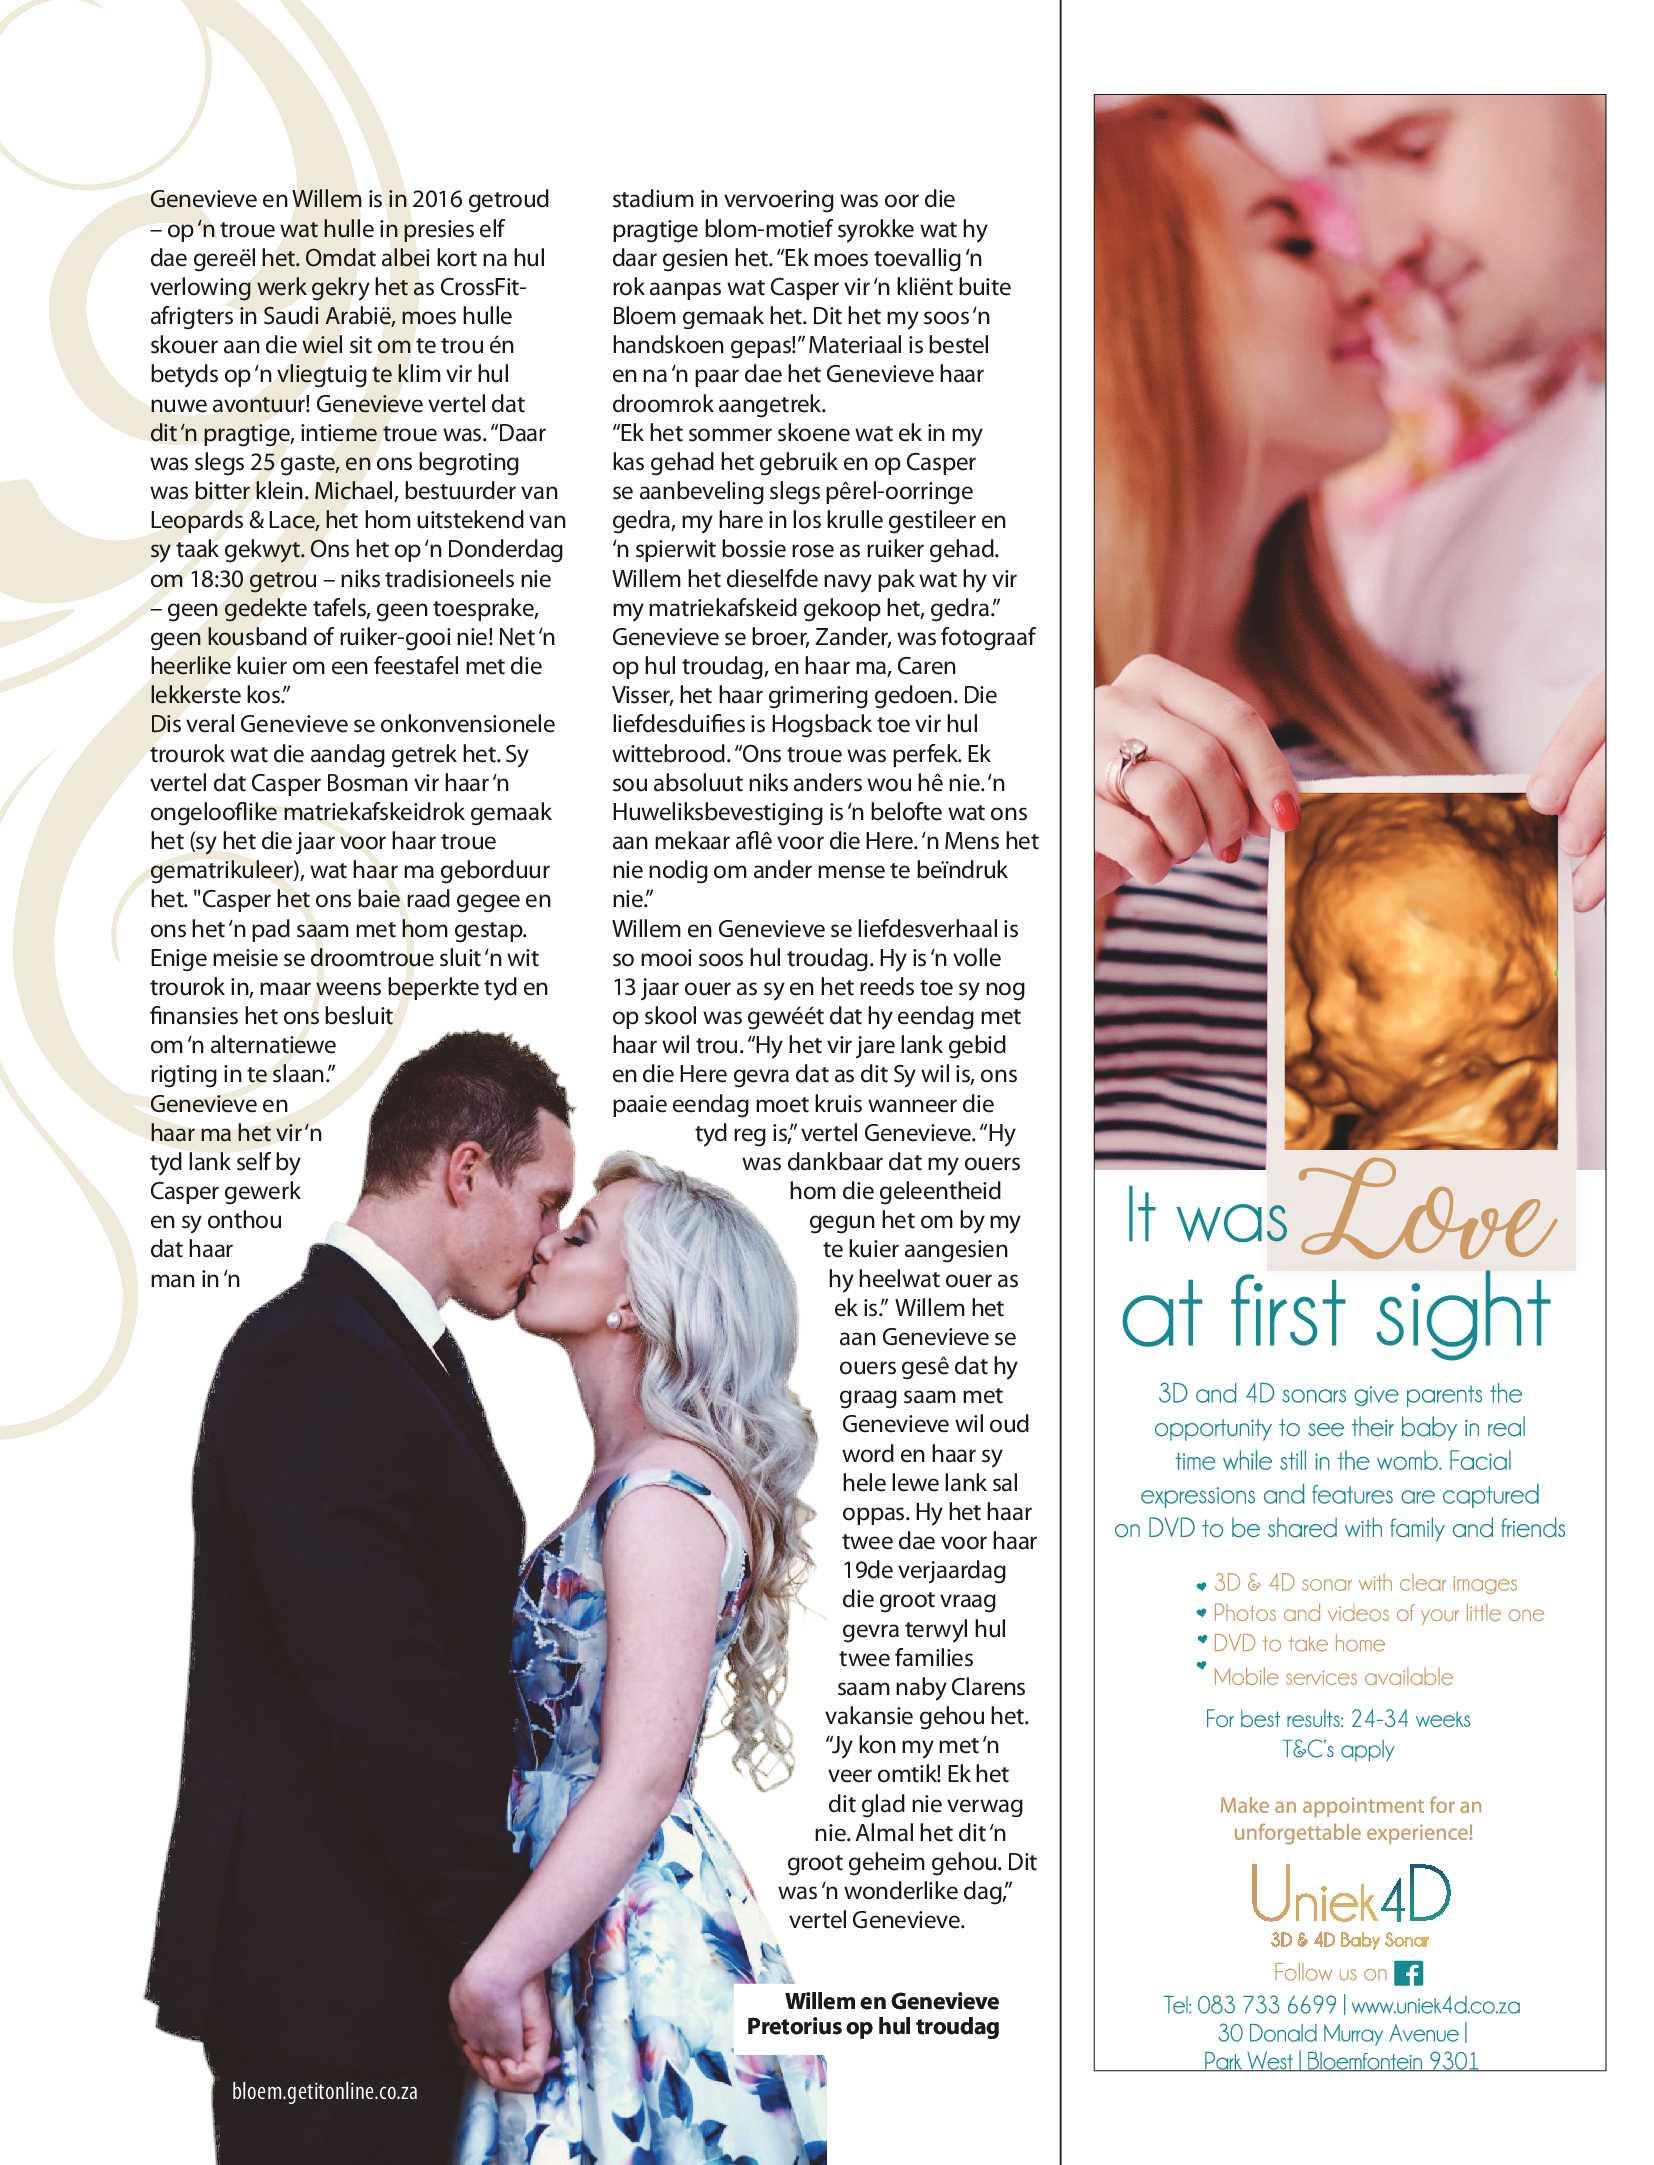 get-bloemfontein-bridal-2017-epapers-page-21